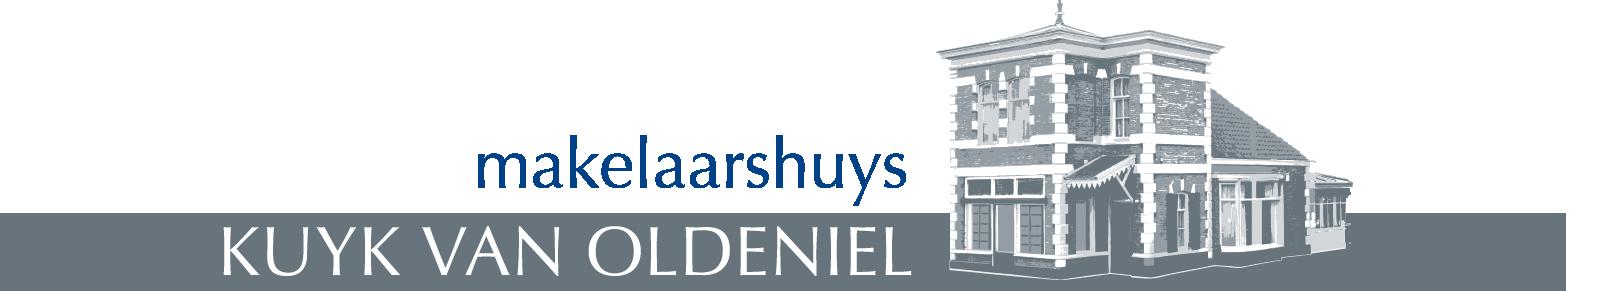 Logo Makelaarshuys Kuyk van Oldeniel